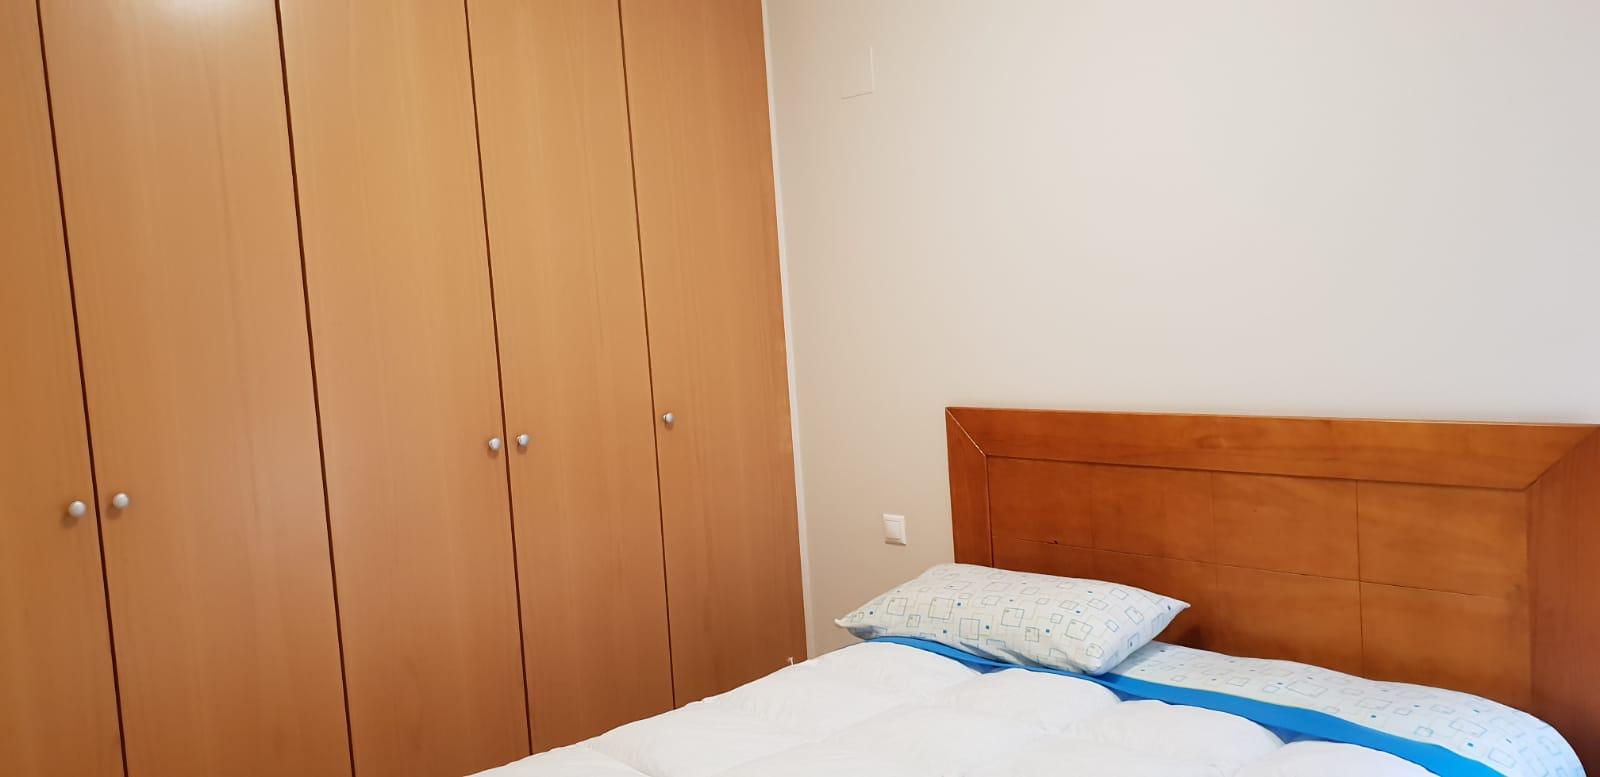 Lloguer Pis  Calle valencia, 11. Alquiler piso 3 habitaciones y 2 baños en tavernes blanques